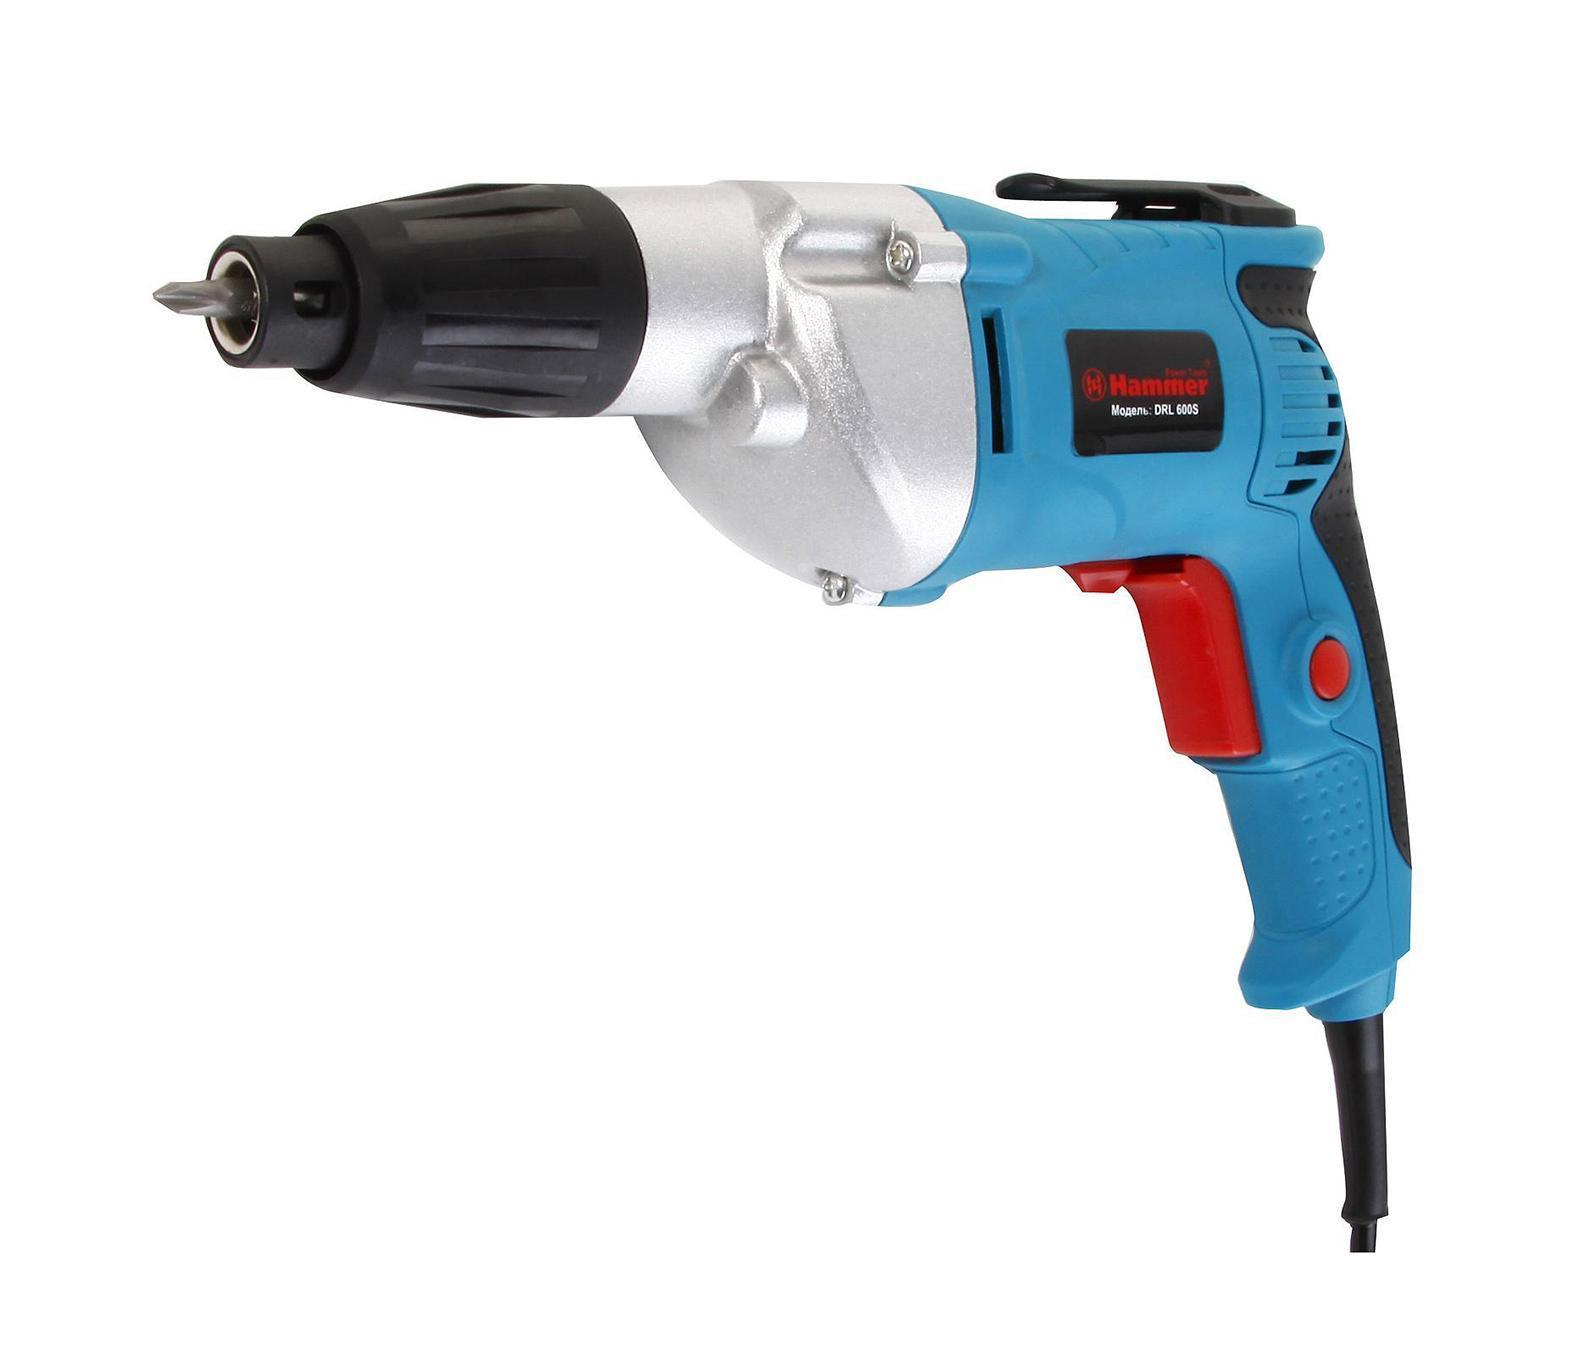 Hammer DRL600S Premium шуруповертDRL600S Premium шуруповертШуруповерт HAMMER DRL600S PREMIUM 500Вт 1/4 0-1600об/мин